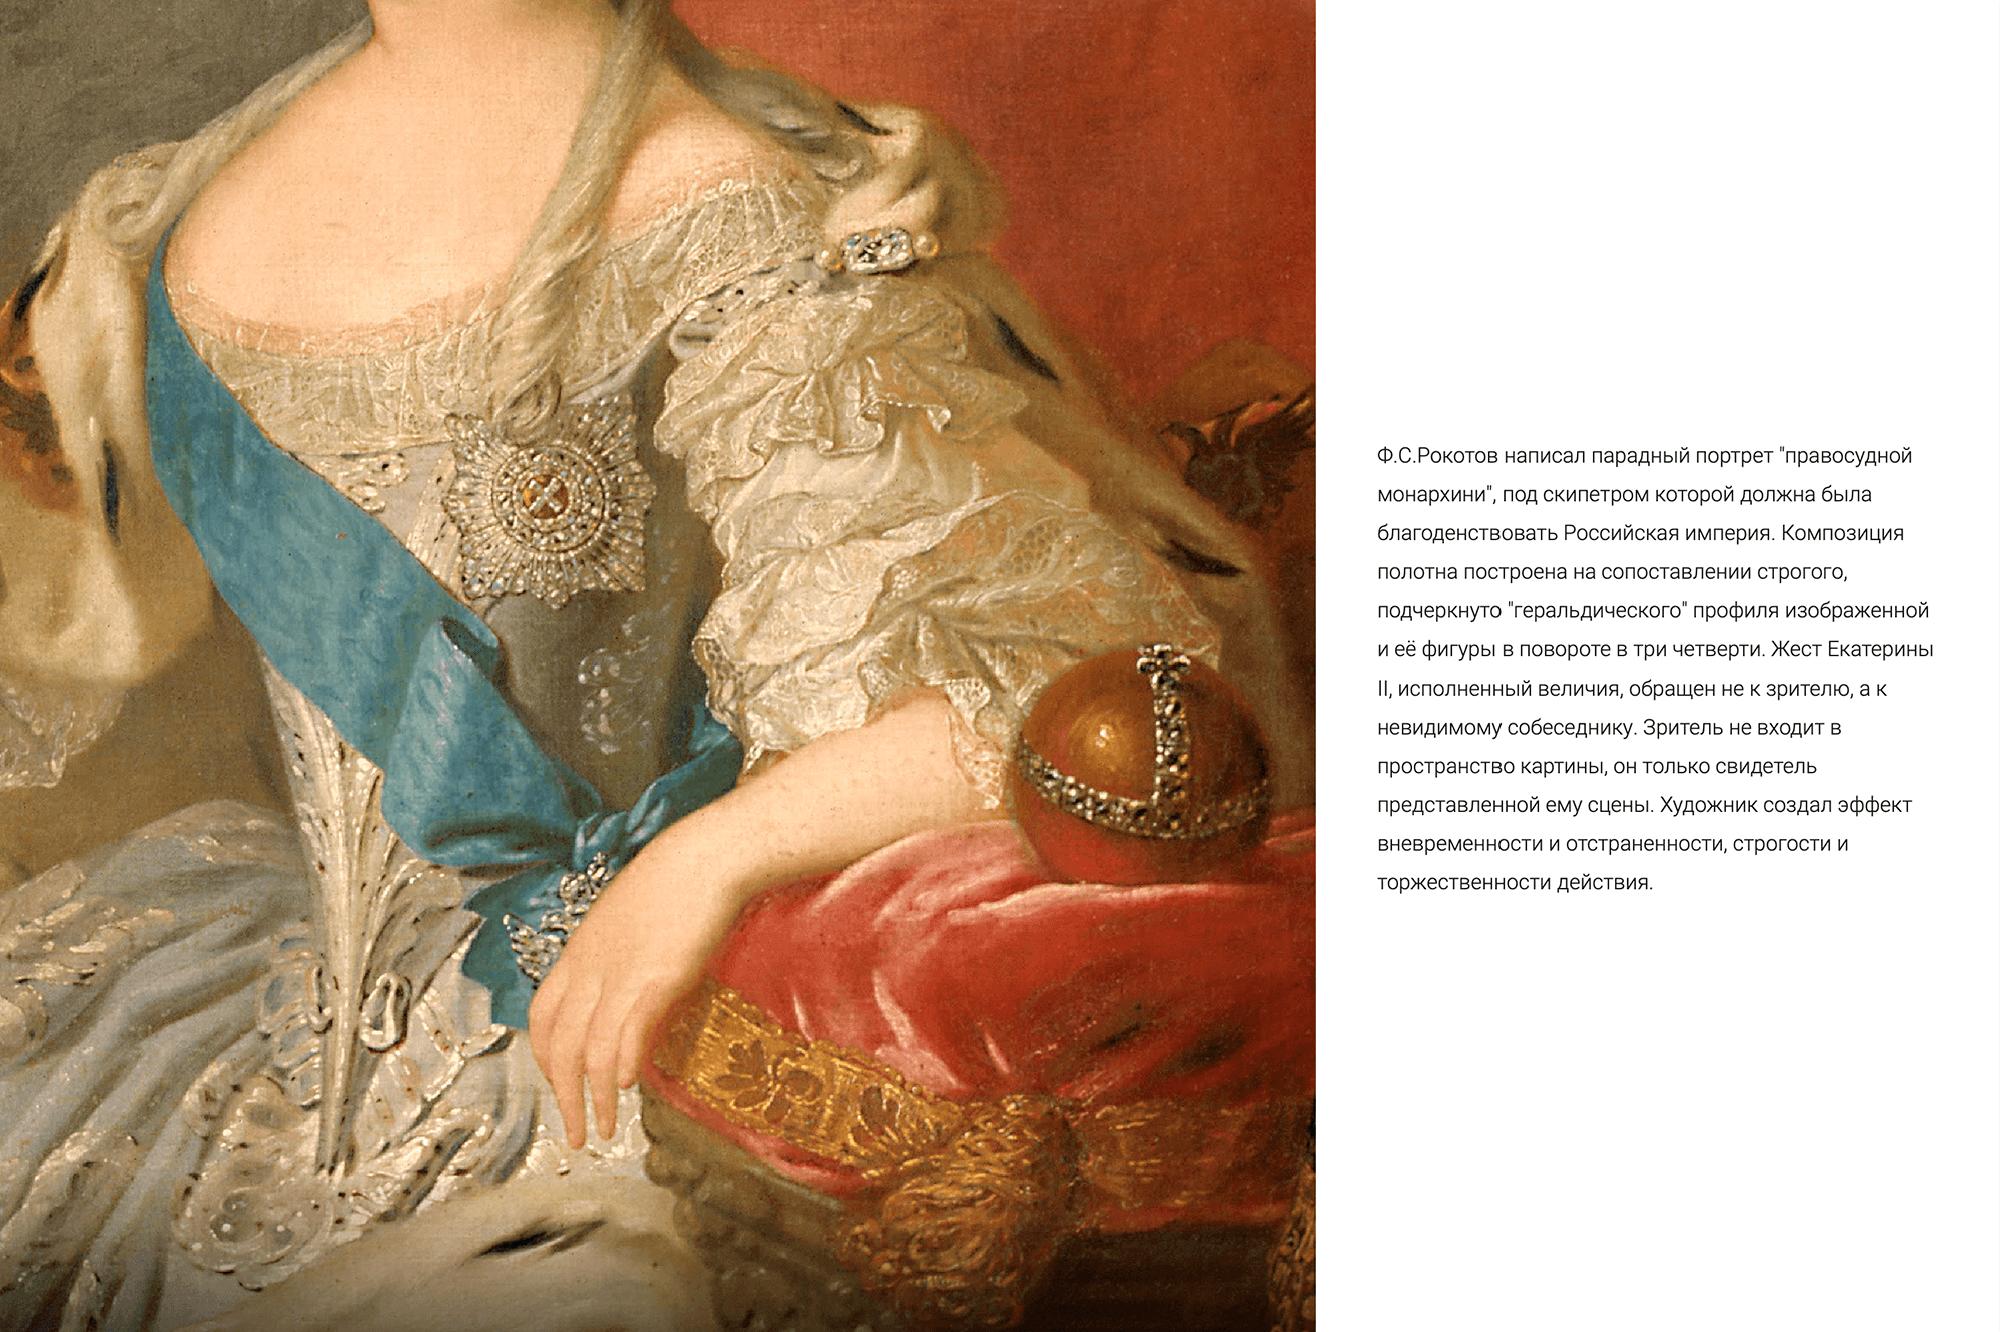 На онлайн-выставке можно рассмотреть даже малейшие детали картин